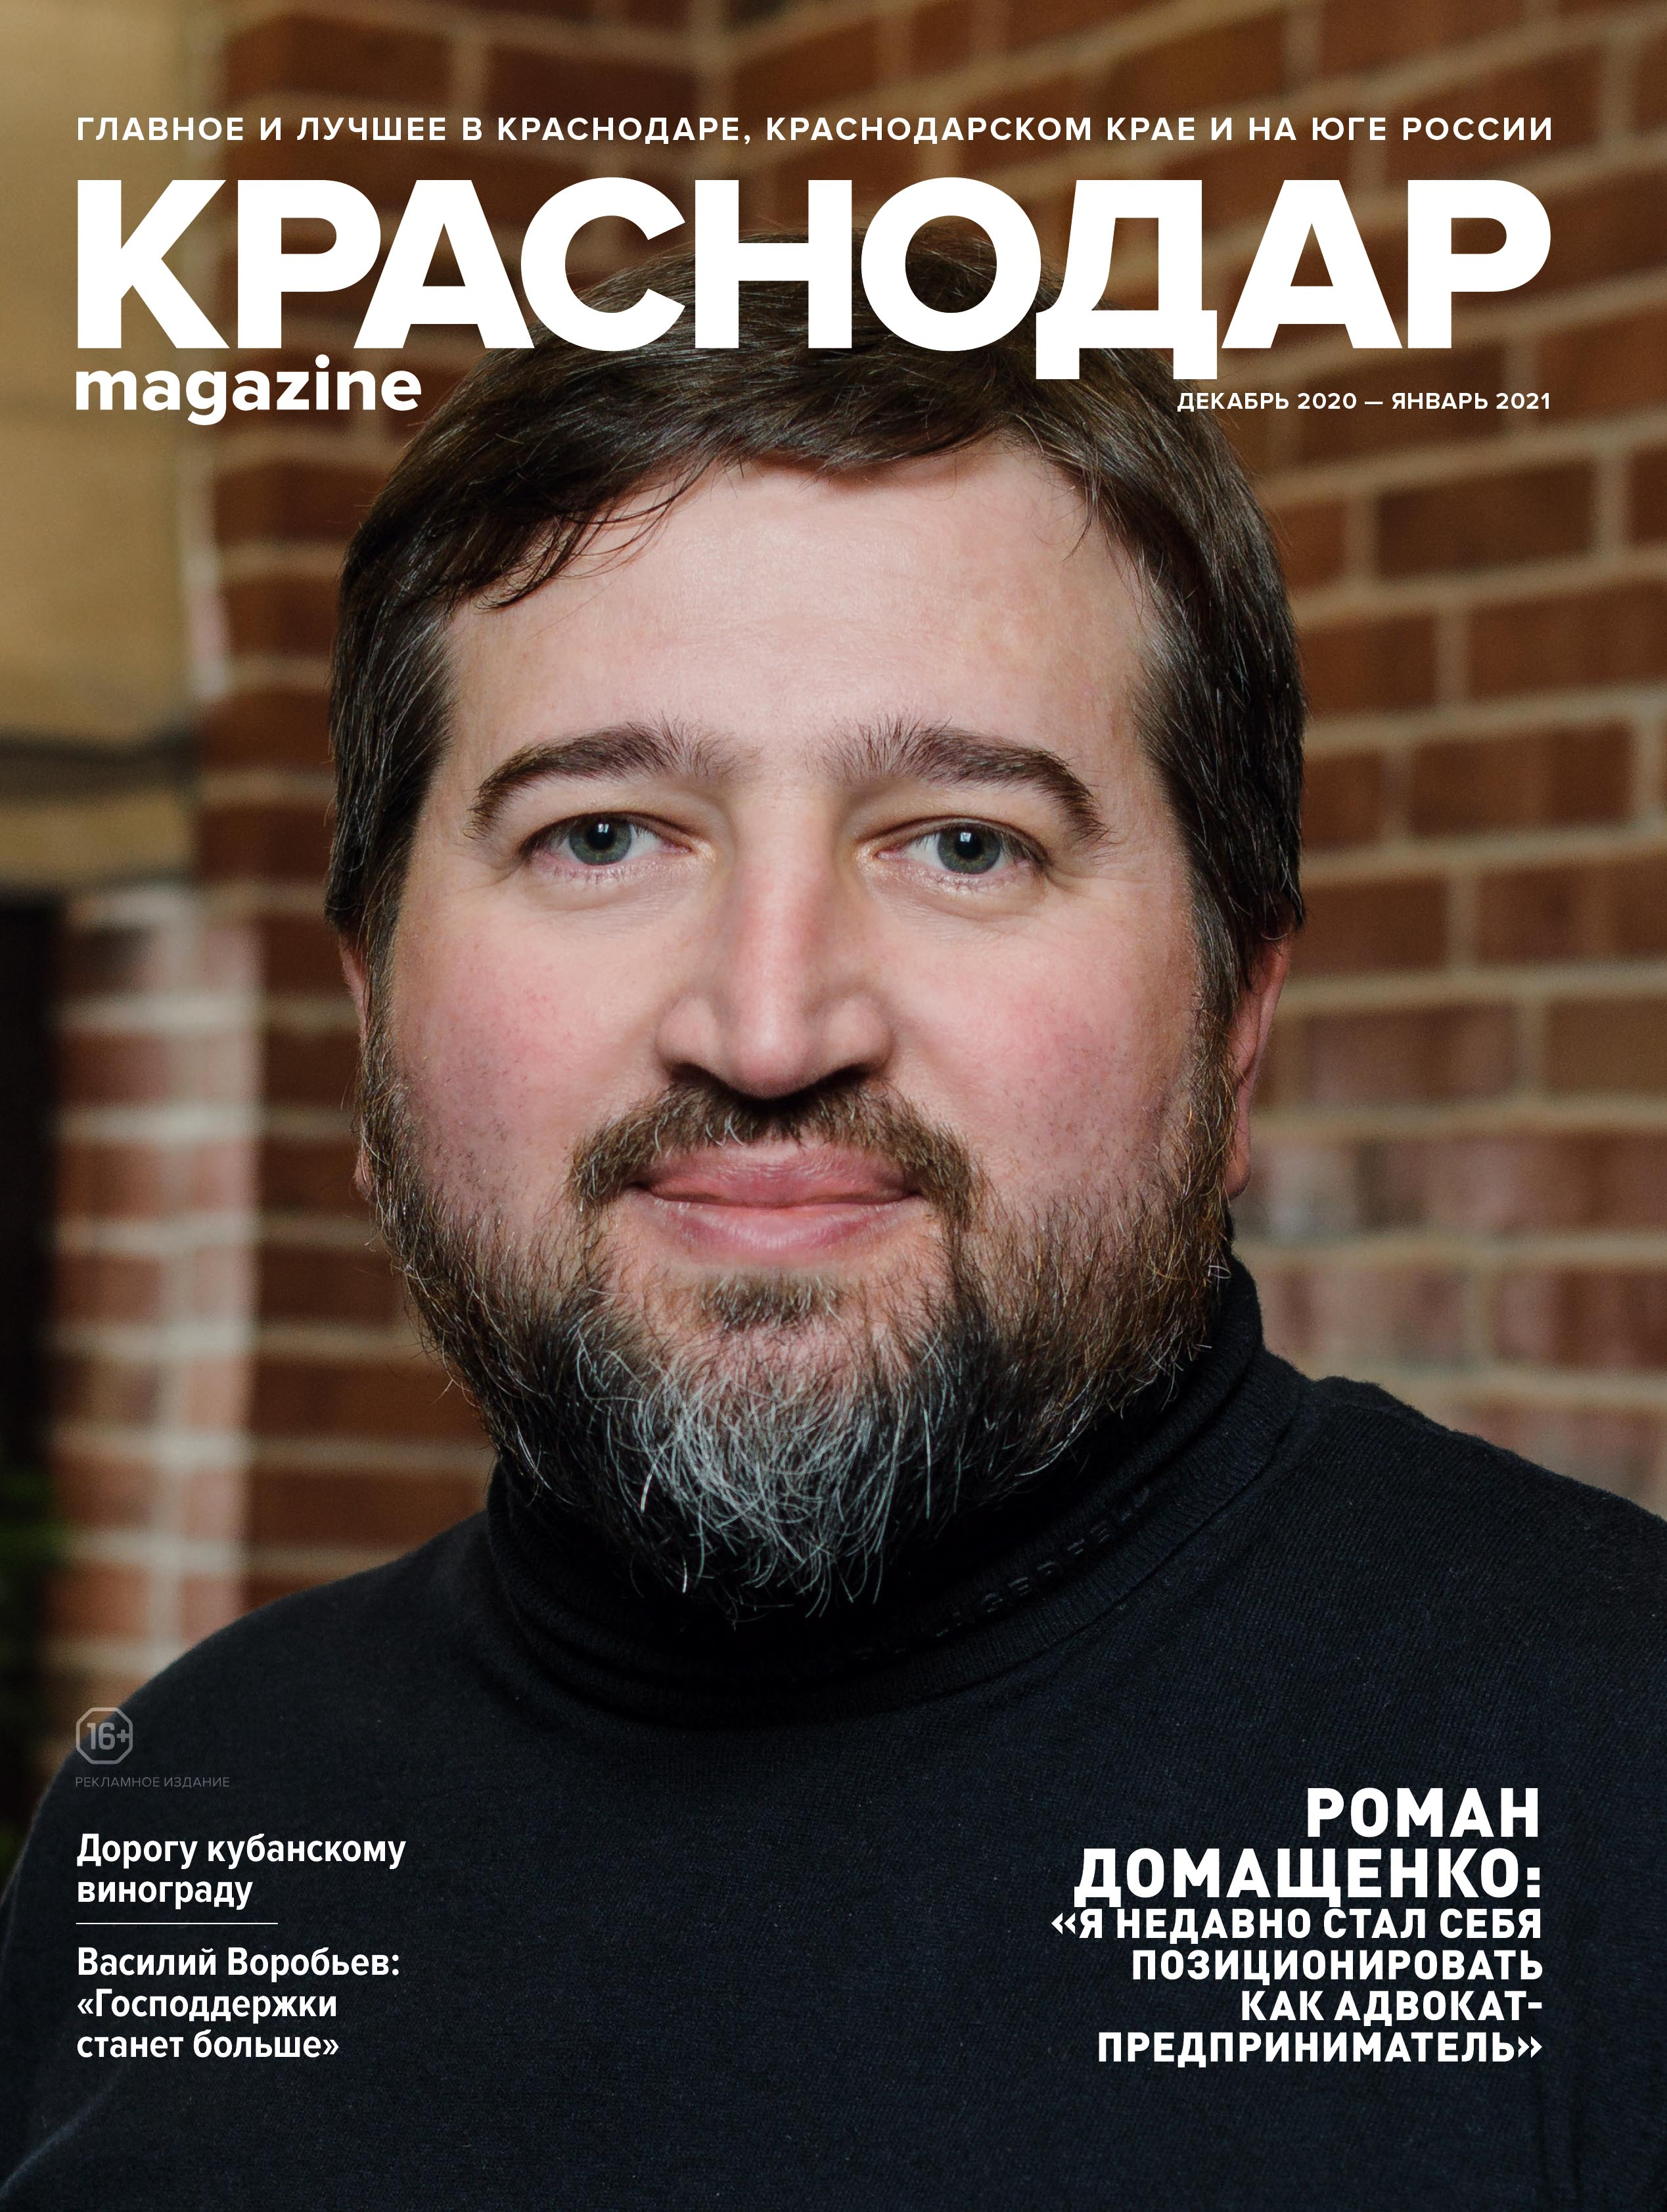 Краснодар Magazine №80 декабрь 2020/январь 2021